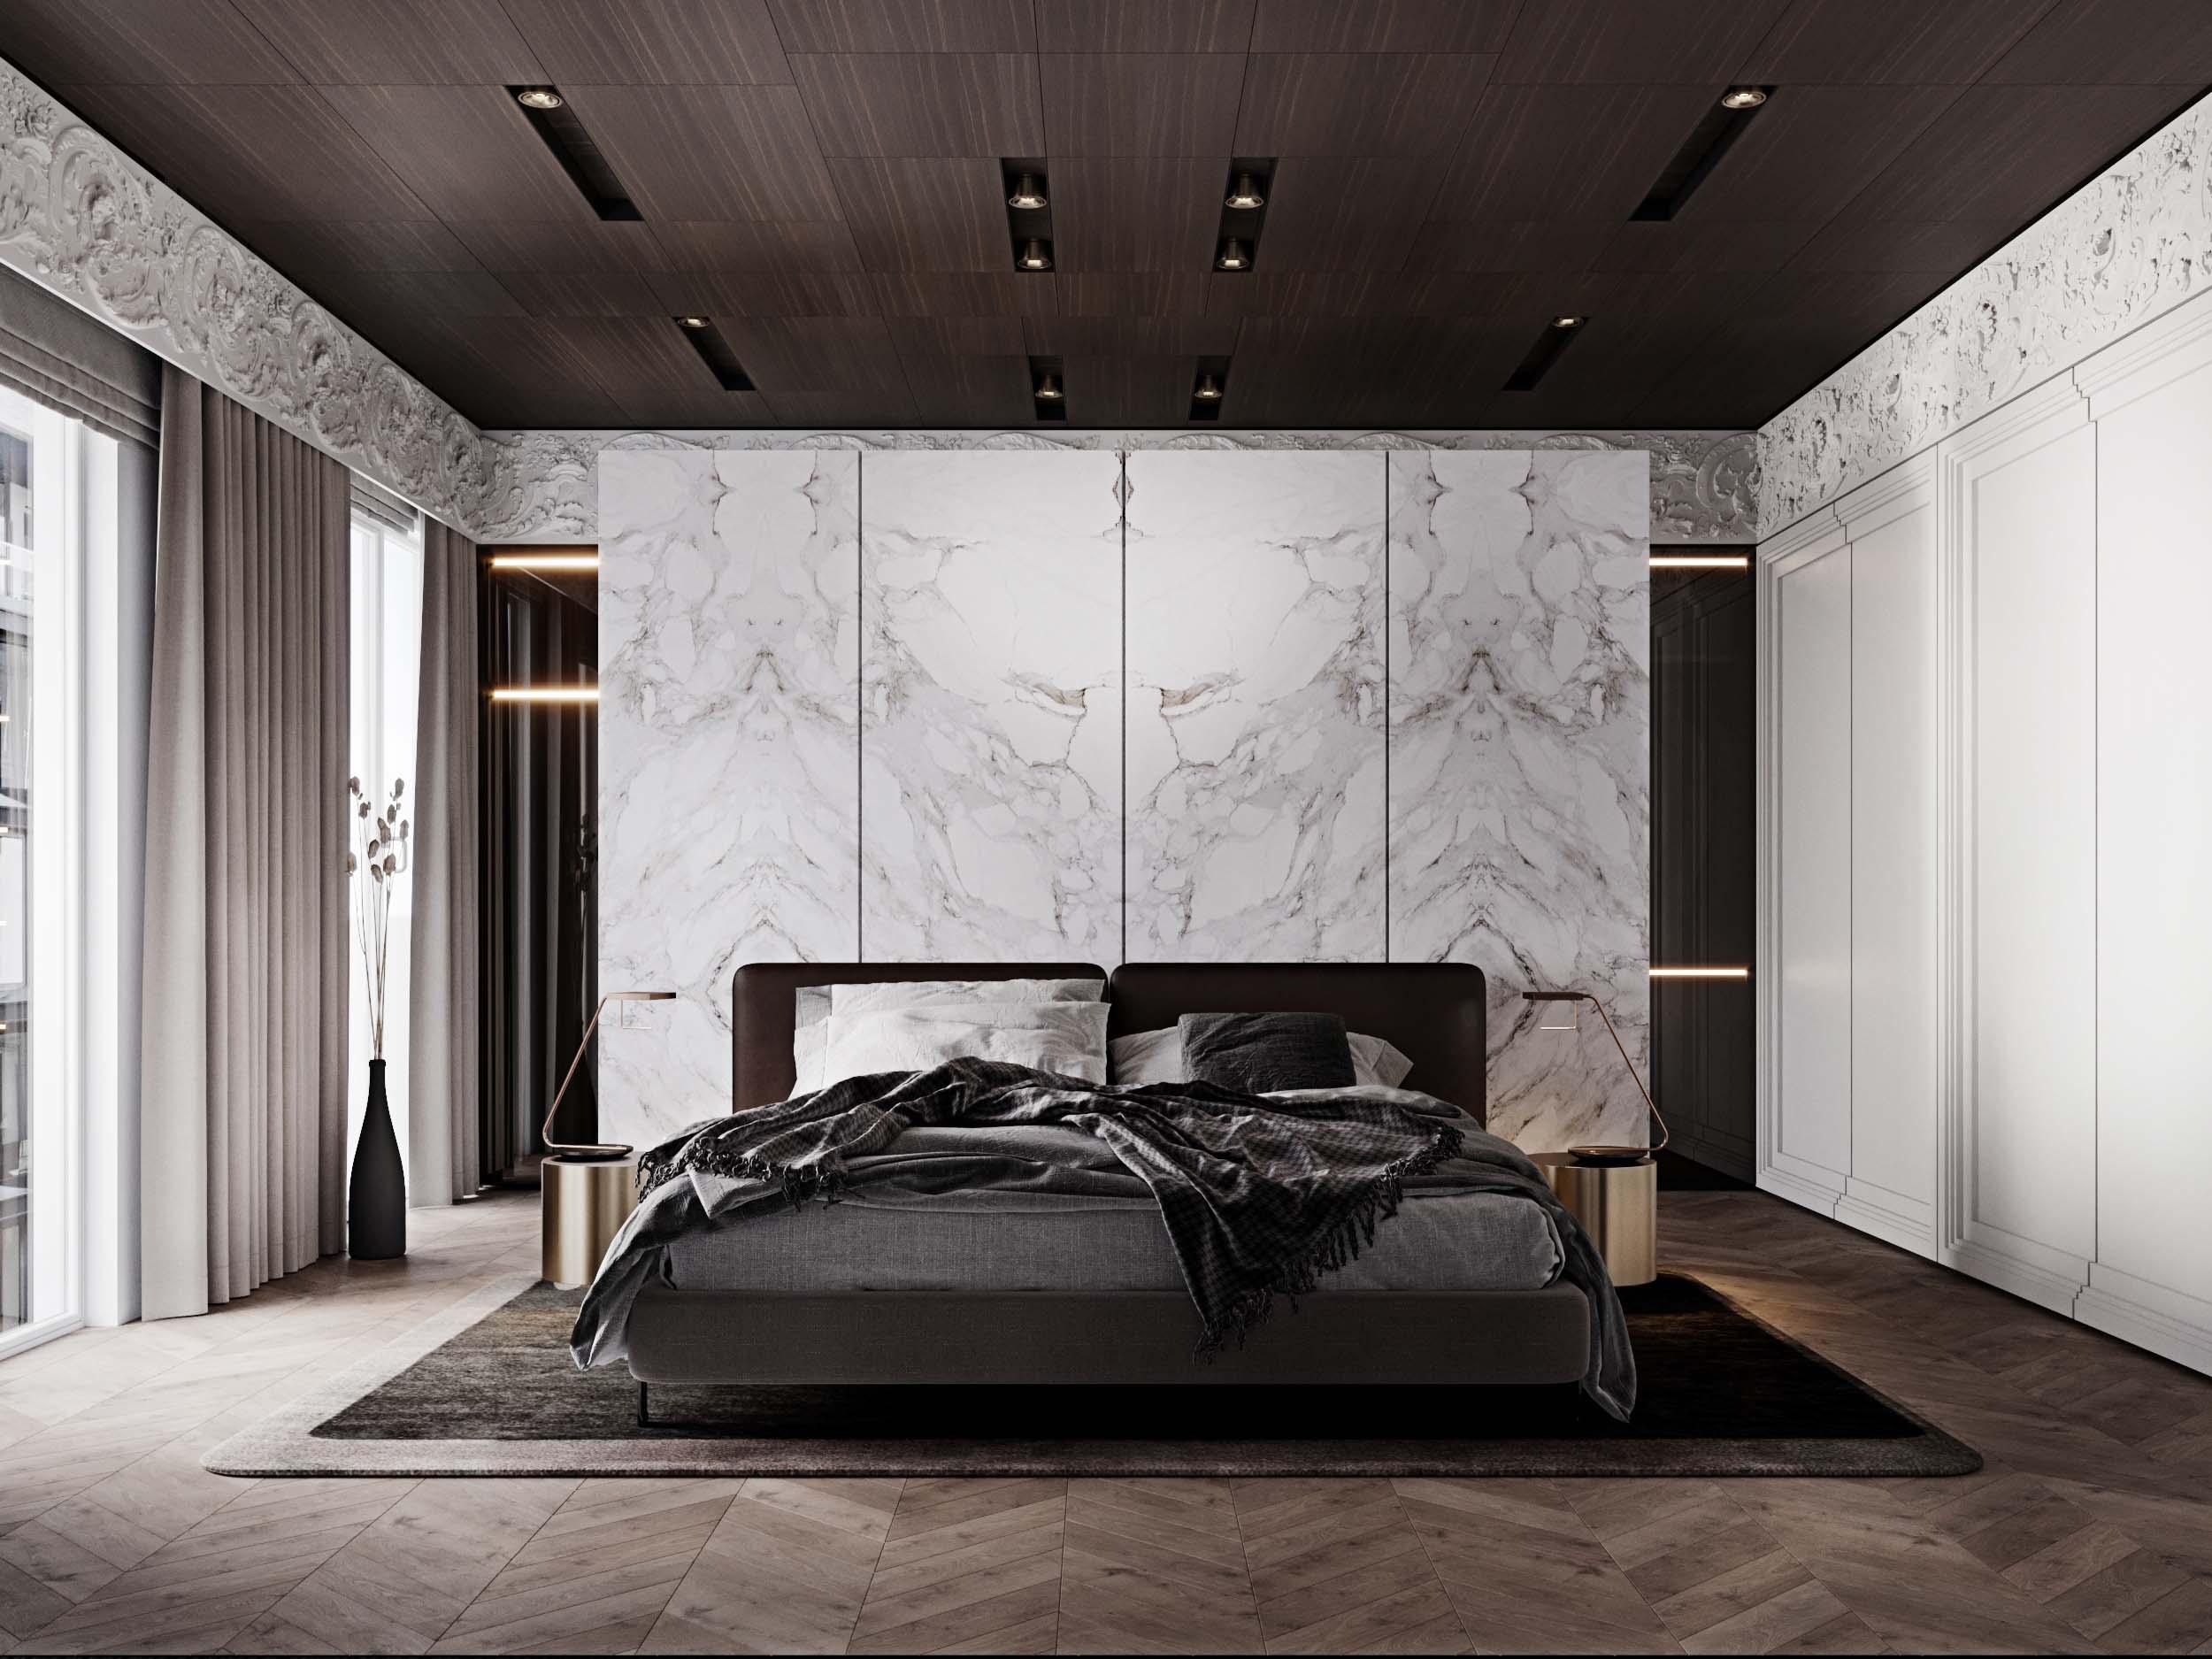 Декорирование спальни при помощи встроенных светильников